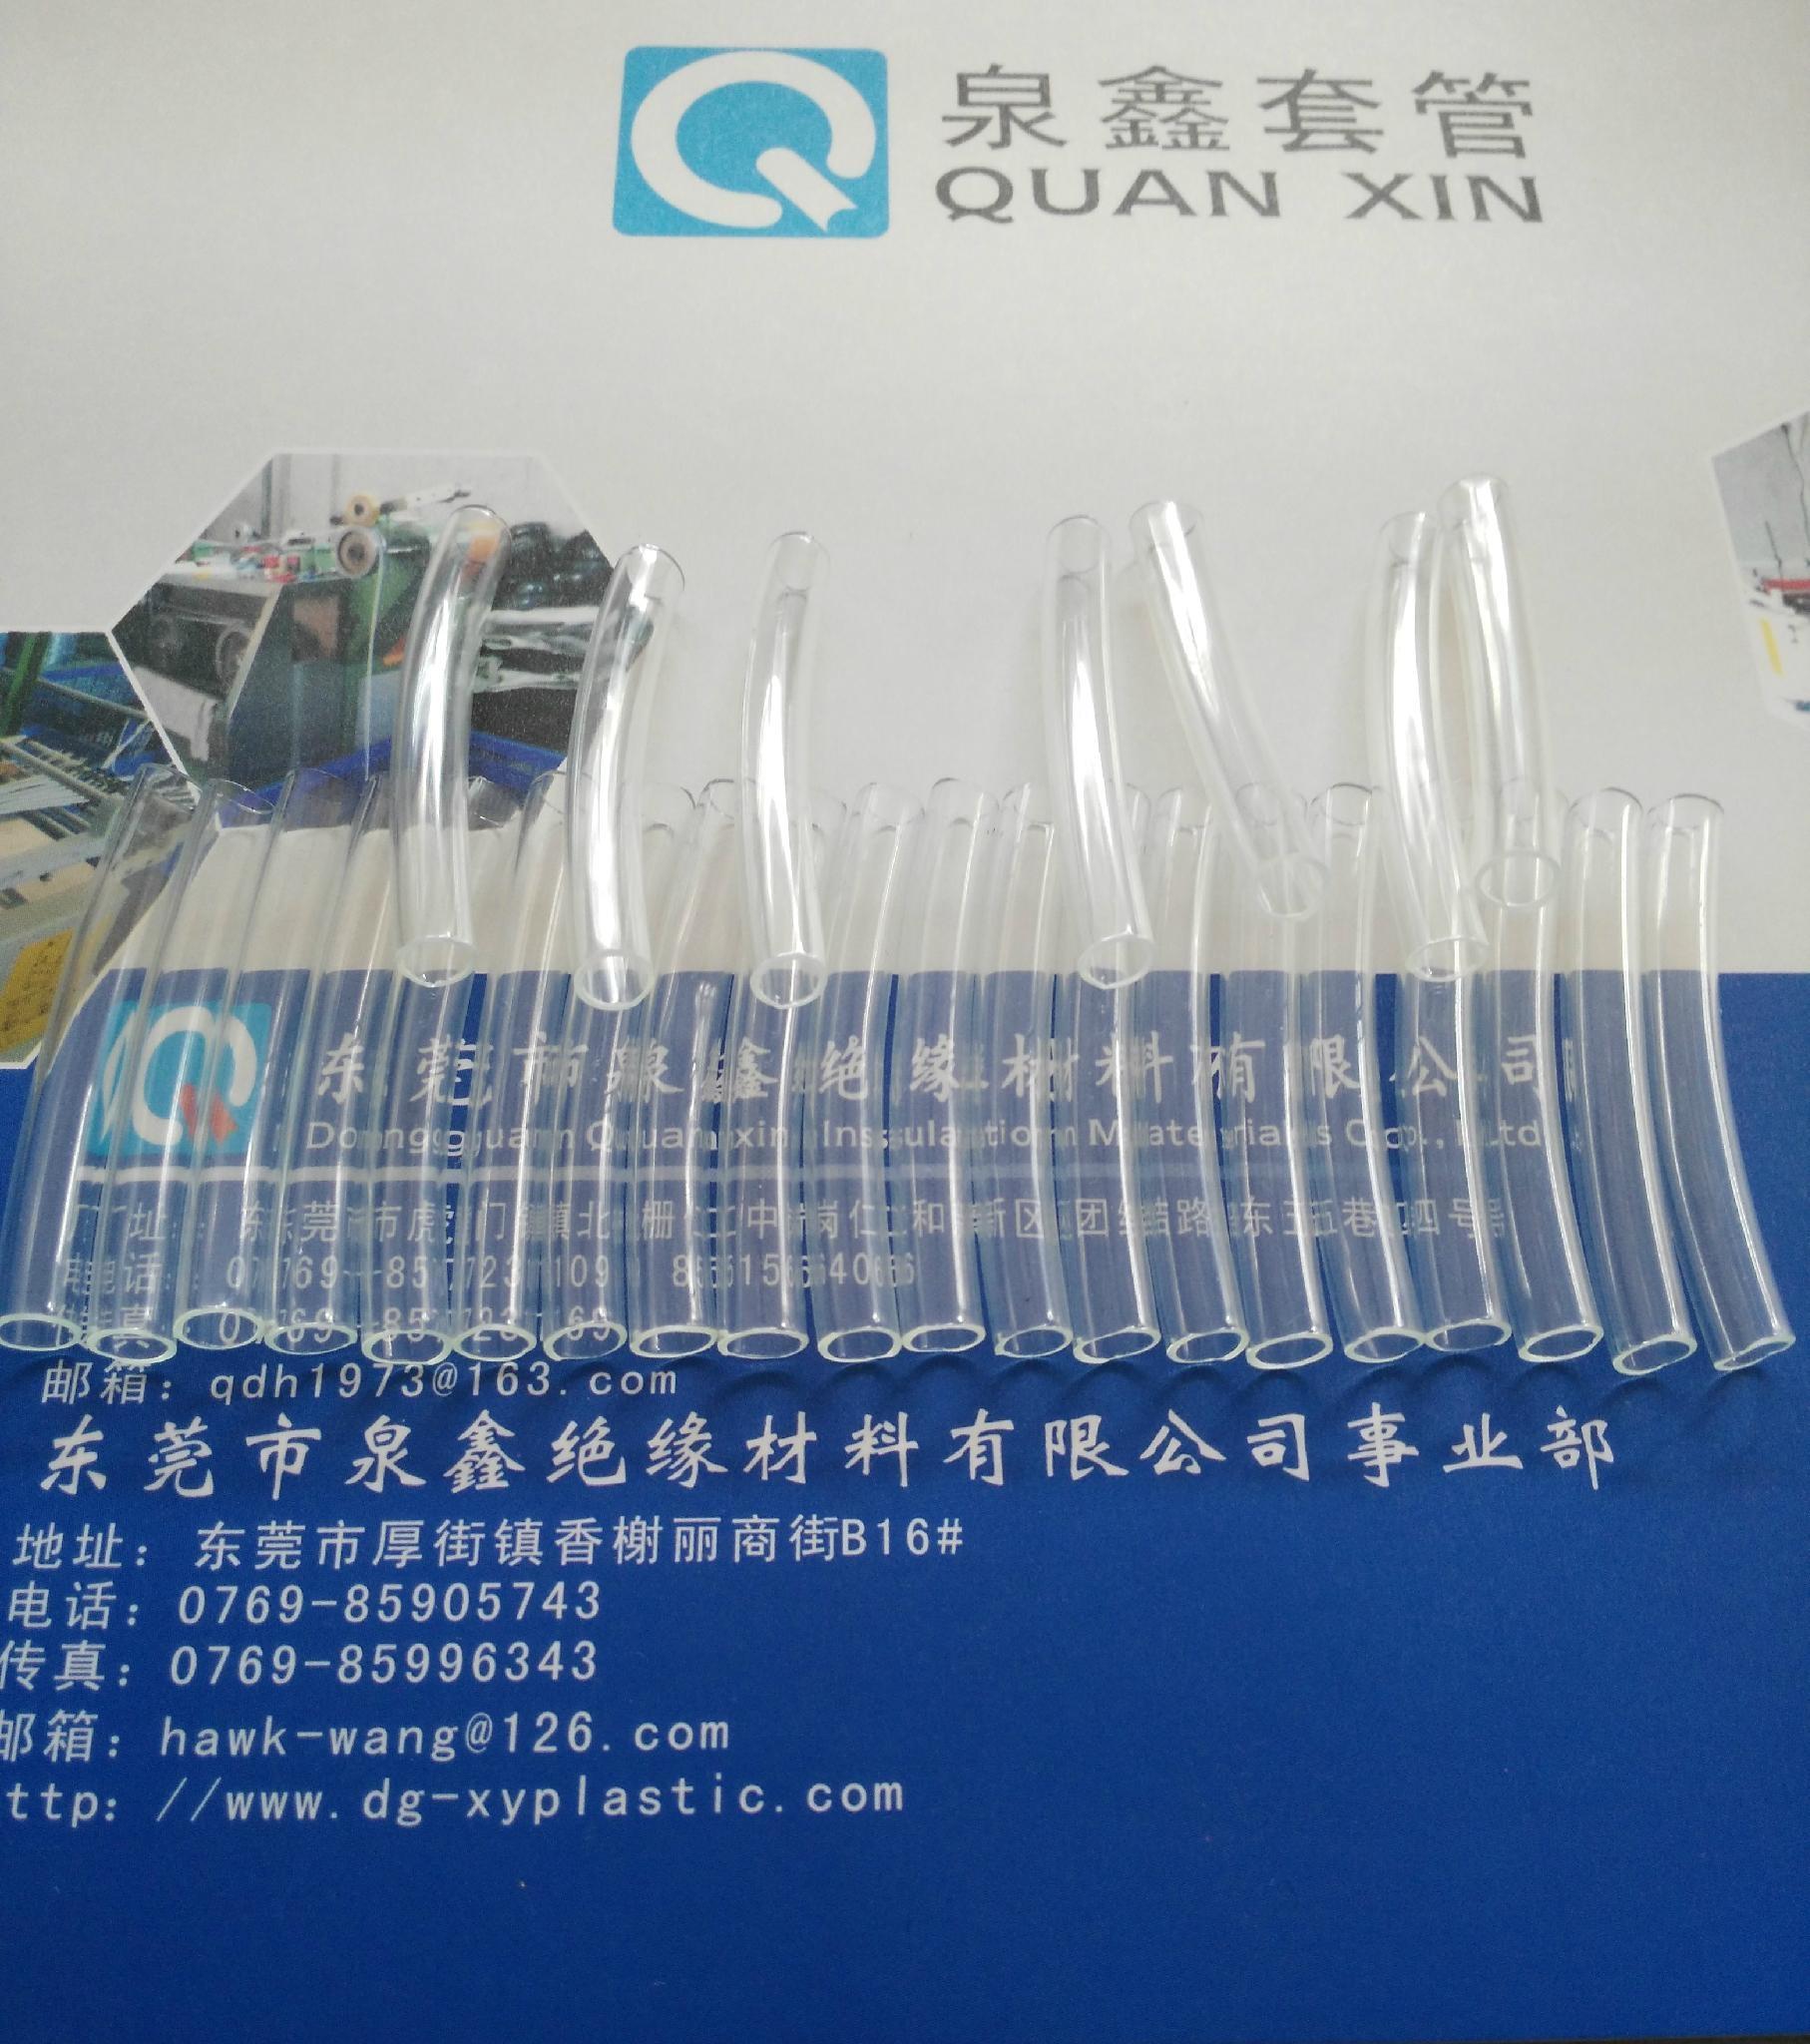 PVC transparent casing, the transparent PVC casing, transparent rubber hoses 4